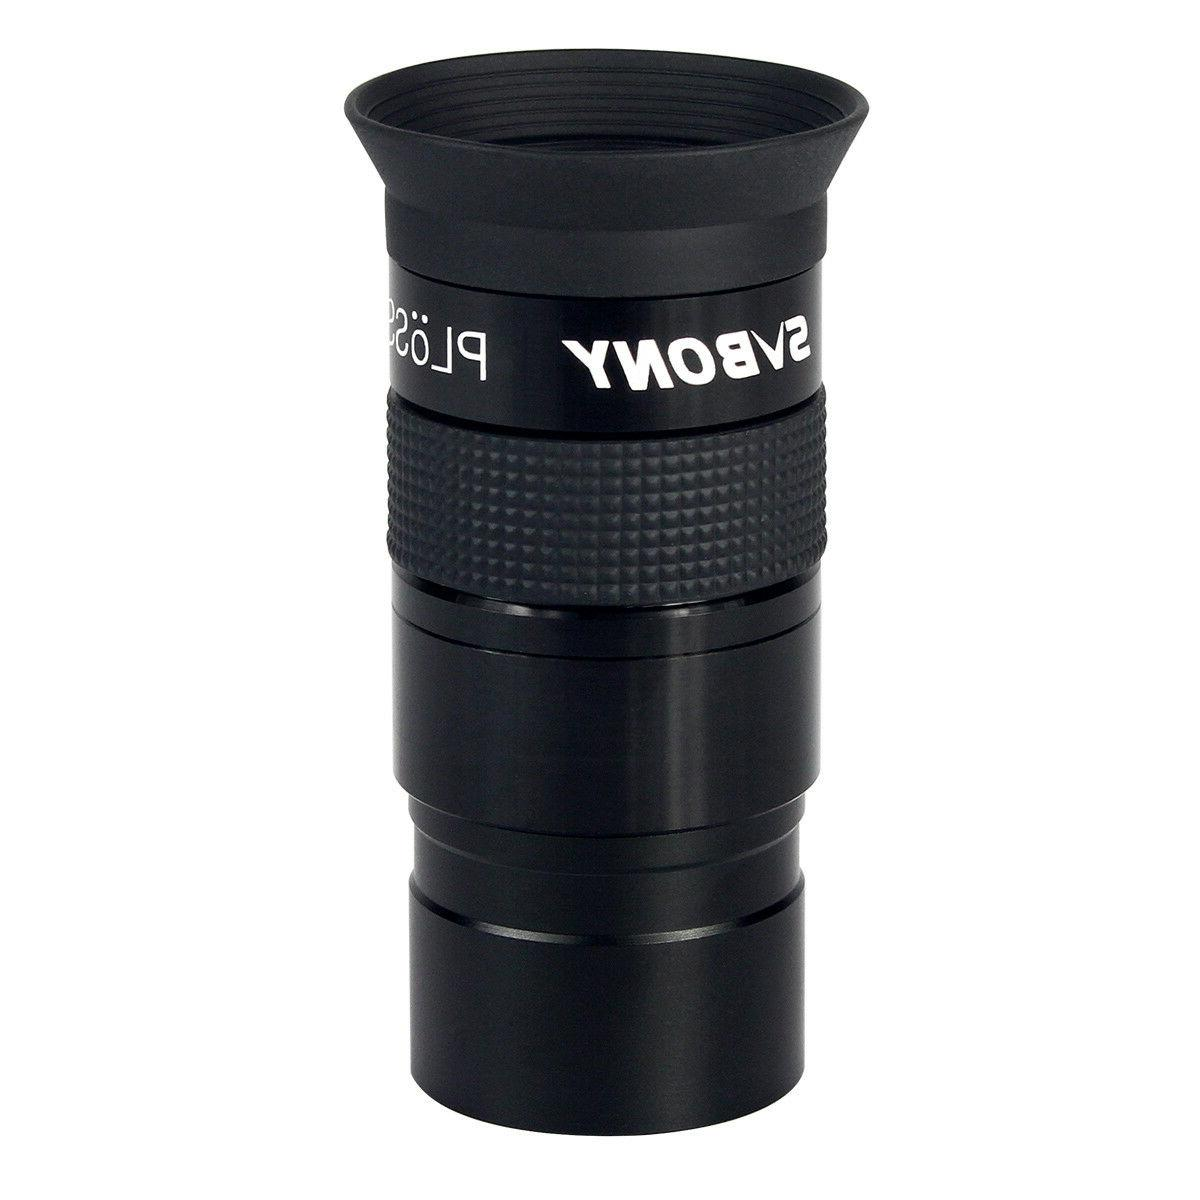 """SVBONY 1.25""""Plossl Telescope Lens Multi-CoatedUS"""